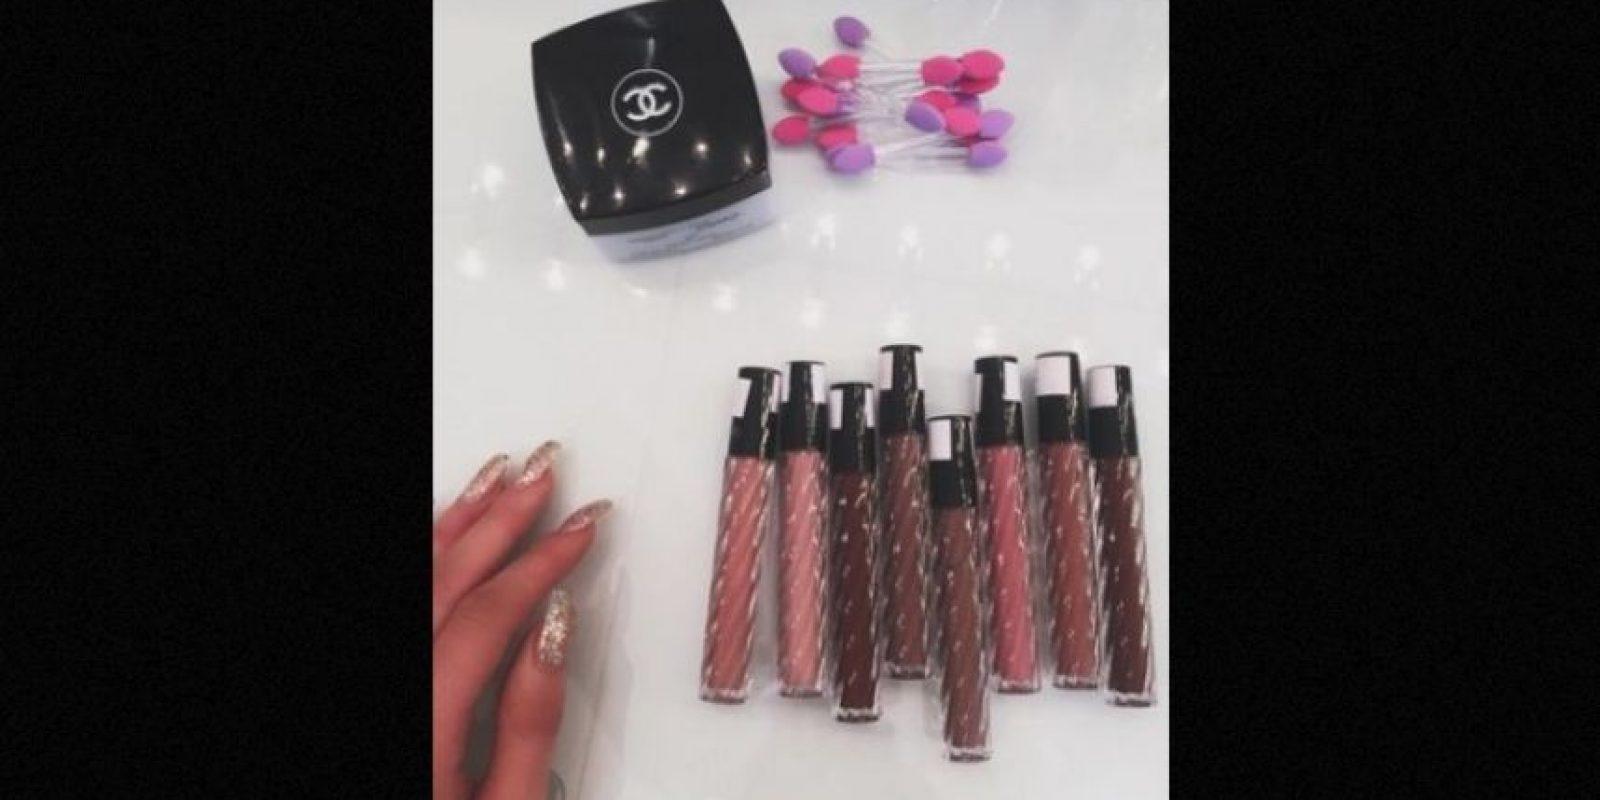 """""""NARS"""" es su marca favorita para el blush, para maquillar sus ojos y cejas acude con Anastasia Soare, quien tiene su propia línea de productos llamada """"Anastasia Beverly Hills"""", un tono amarillo de polvo """"Bobbi Brown"""" lo utiliza para iluminar todo su rostro y con el """"Kardashian bronzer"""" da forma a su mentón. Foto:Instagram/KylieJenner"""